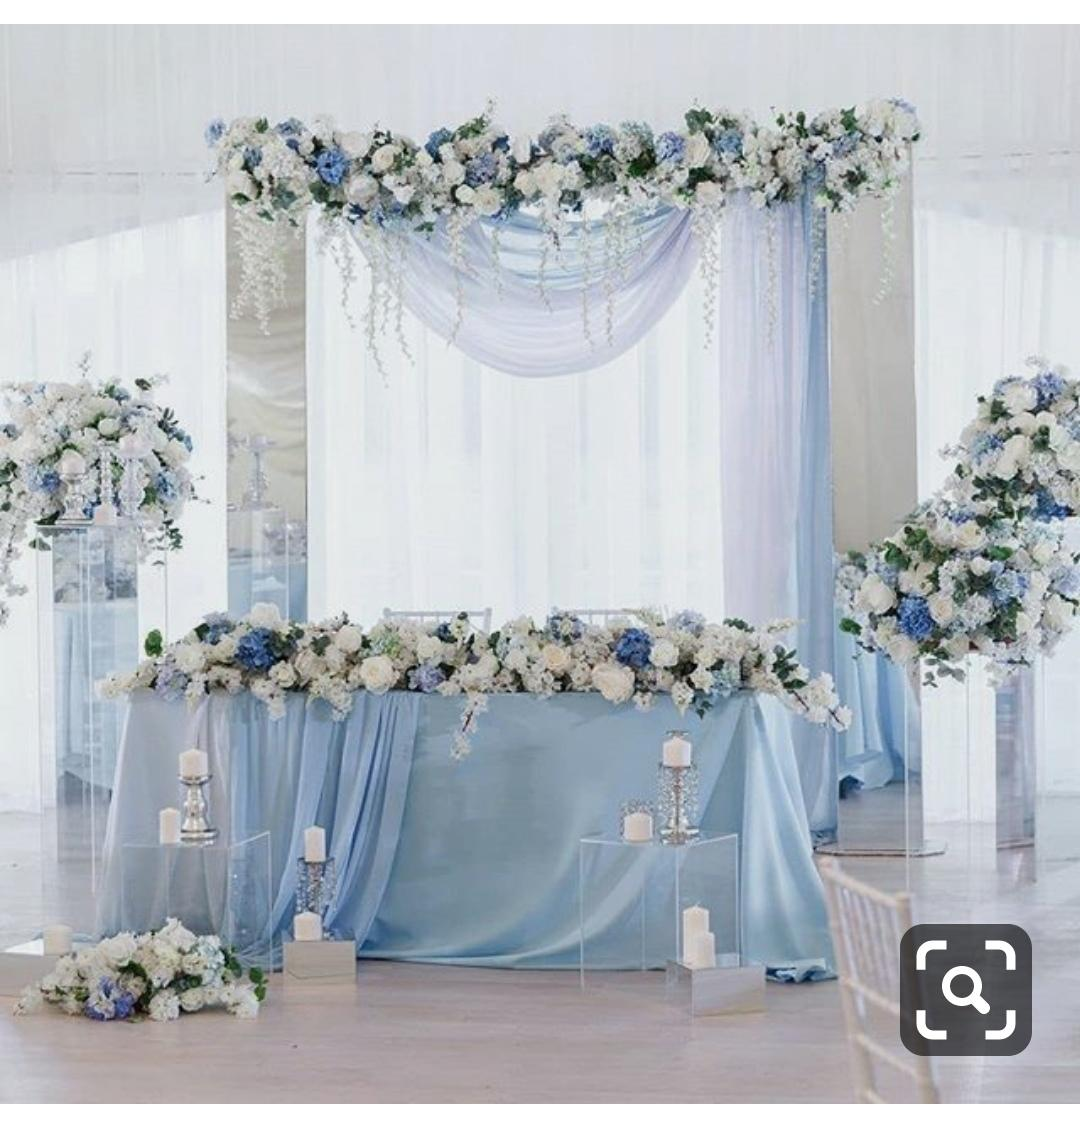 ❄️ Svadba ako z neba ❄️ - Obrázok č. 127